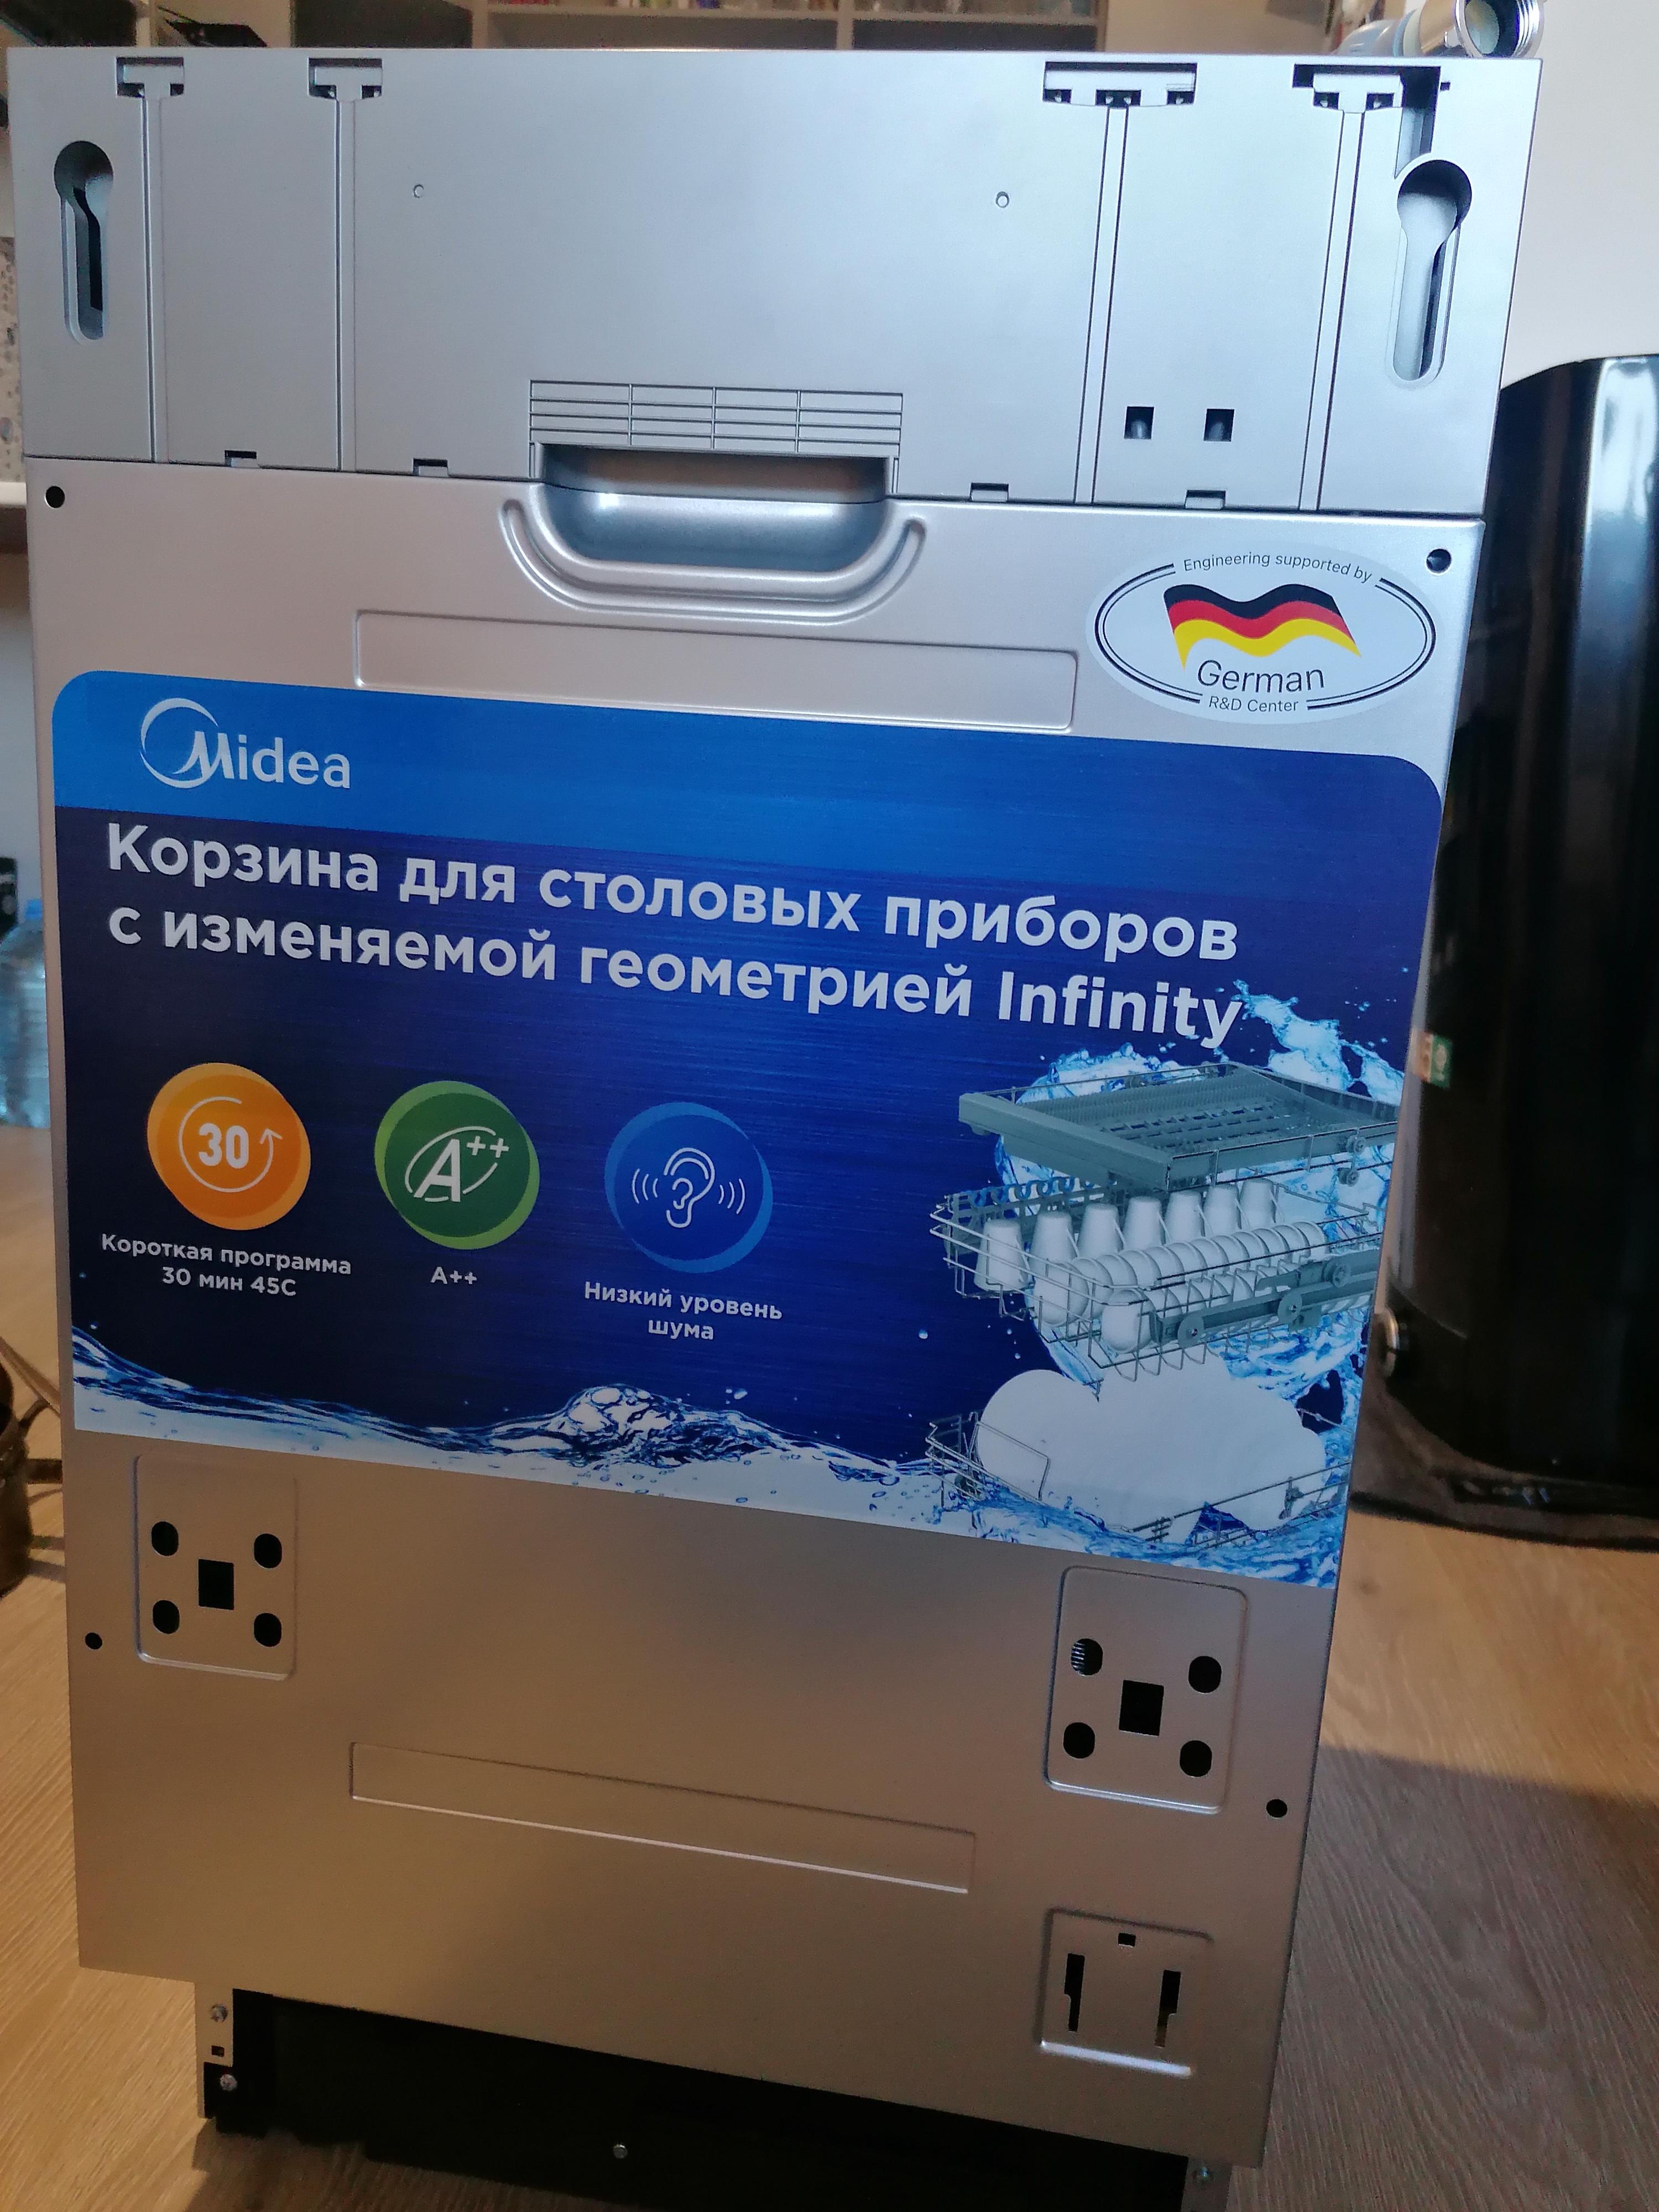 Обзор встраиваемой посудомоечной машины Midea MID45S110